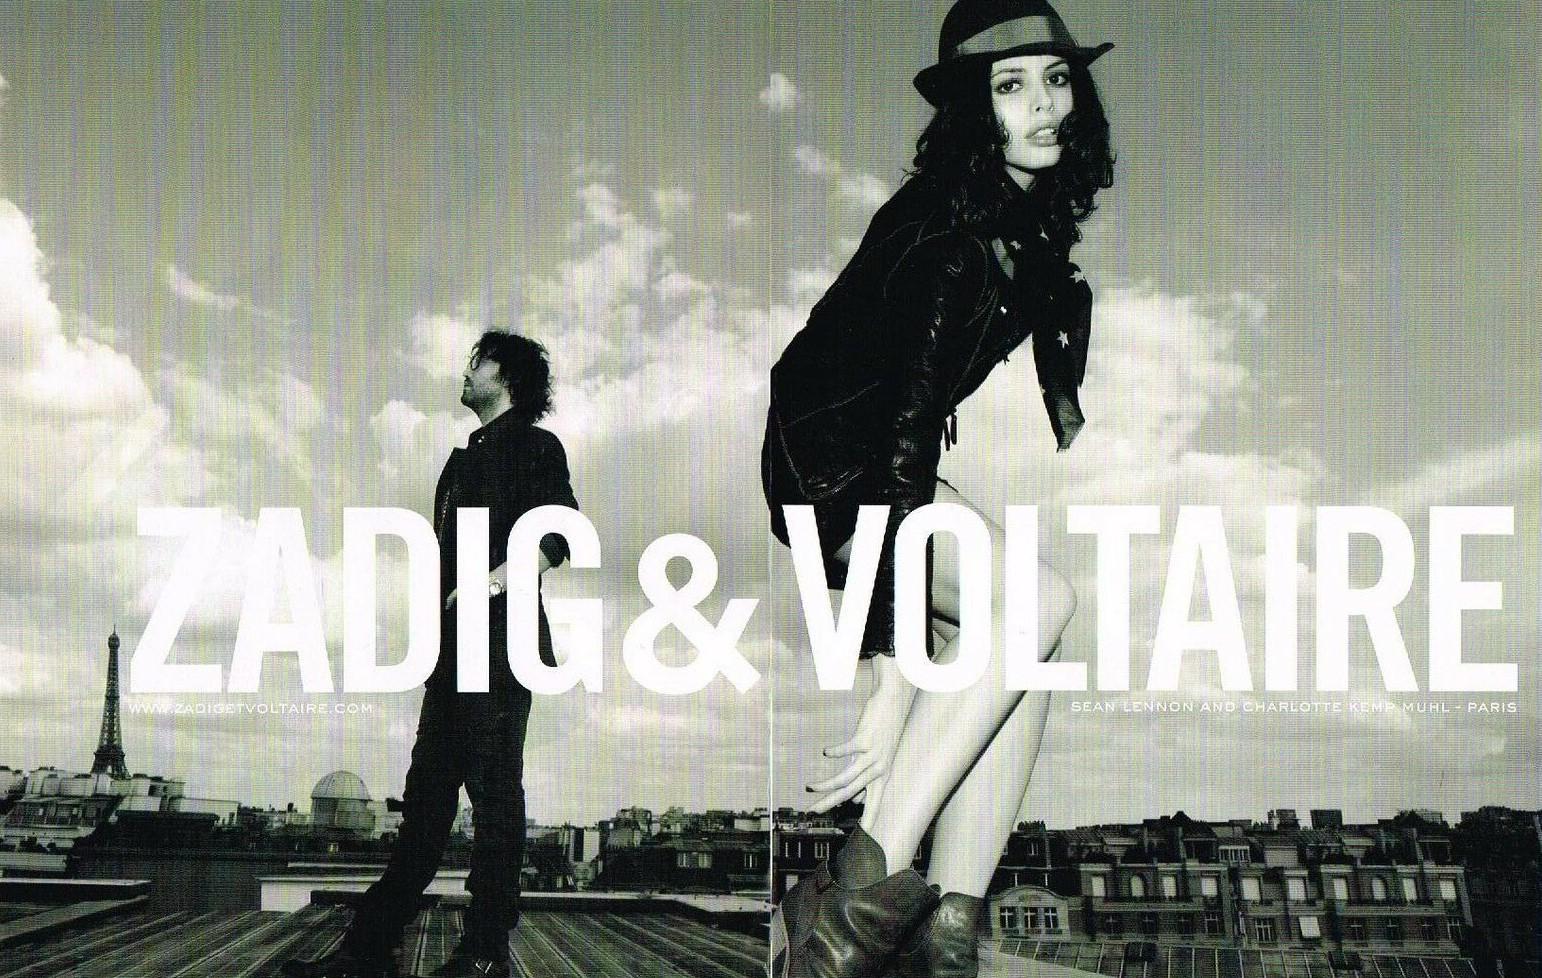 2009 Zadig et Voltaire Sean Lennon Charlotte Kemp A1